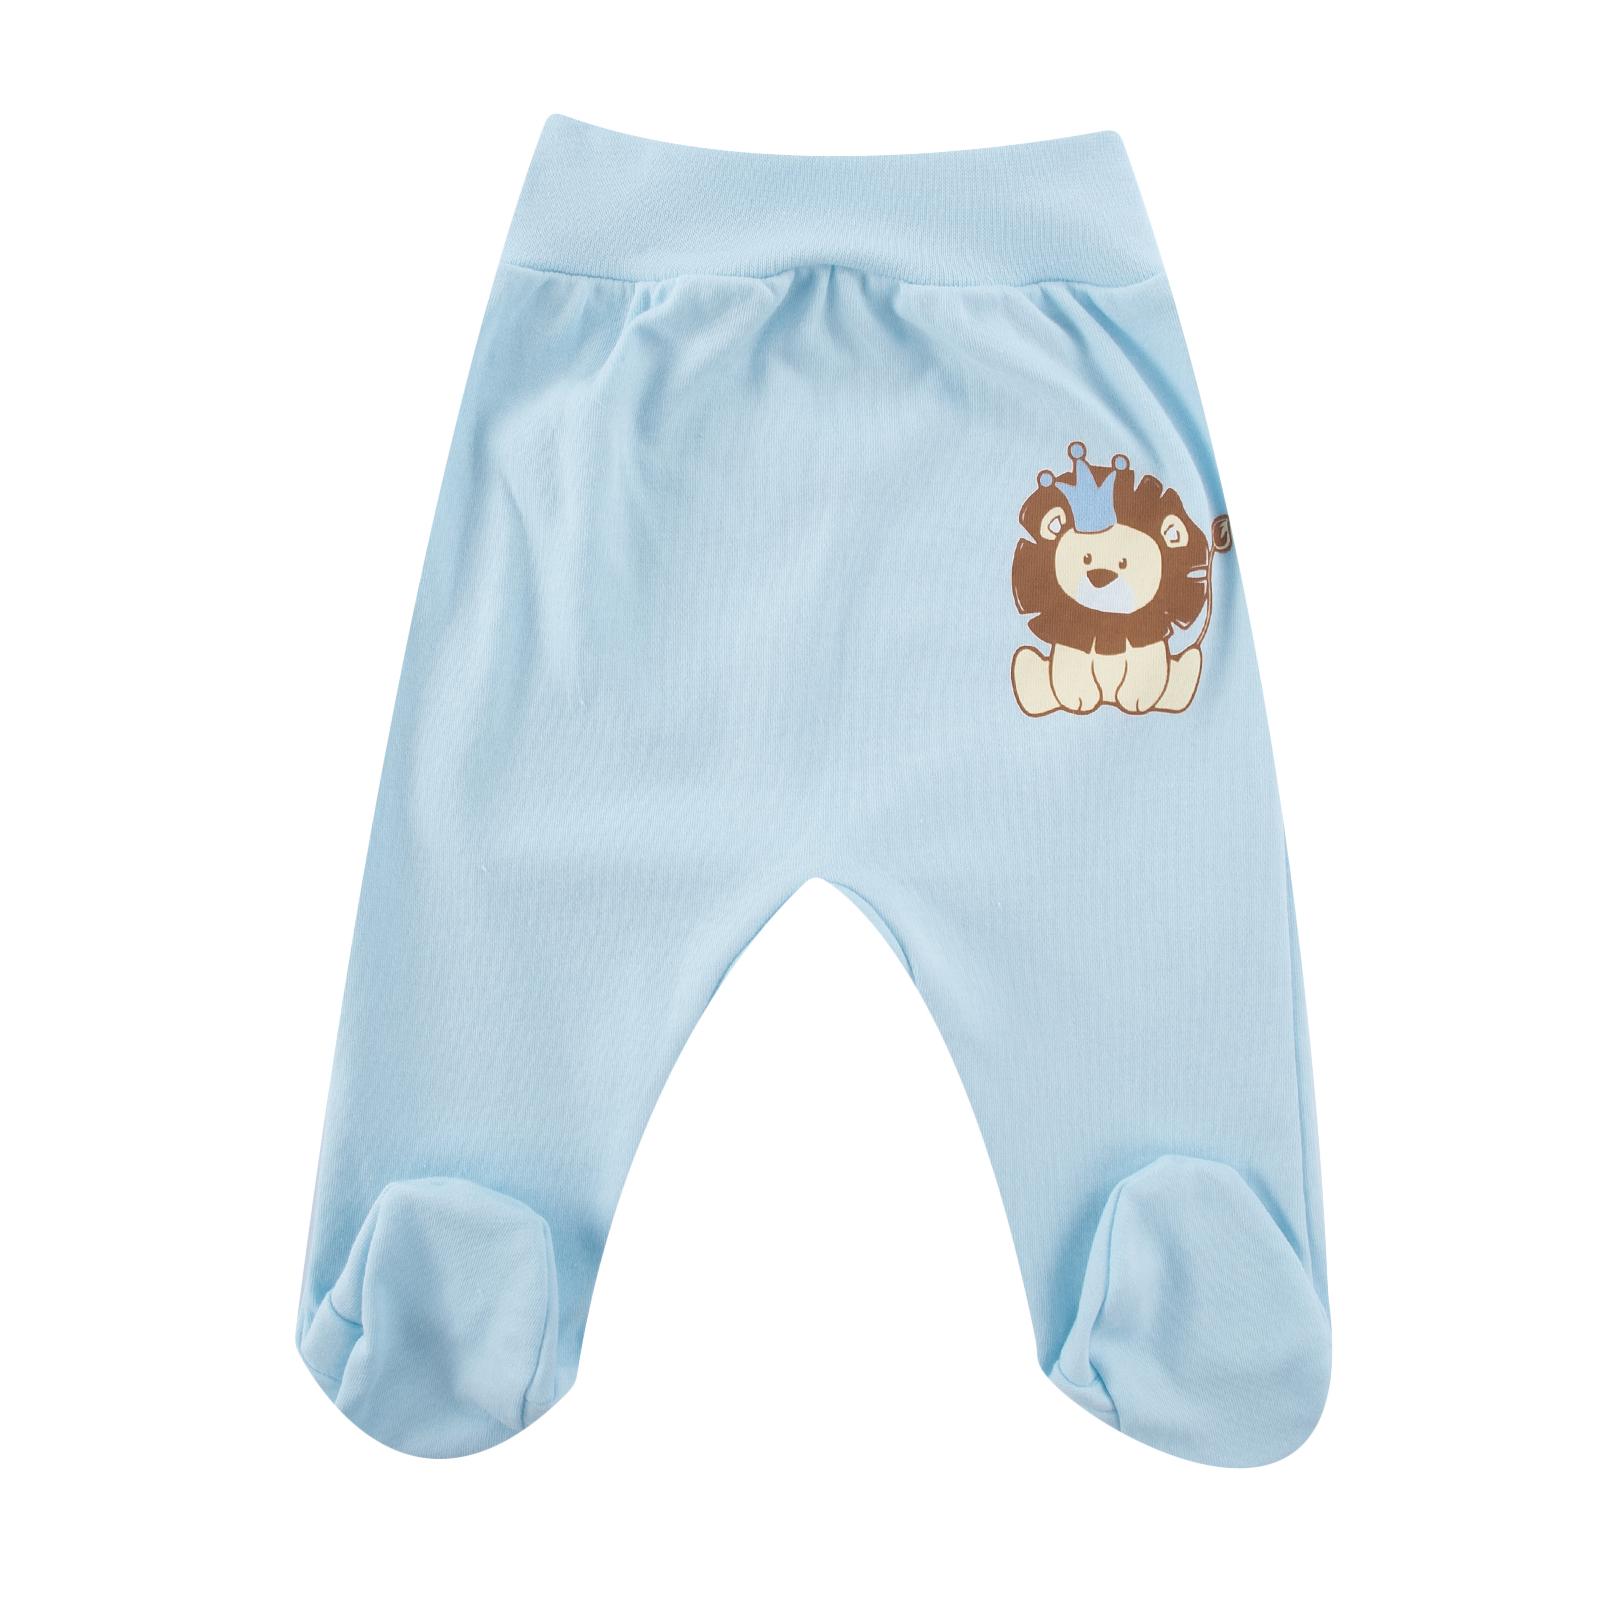 Ползунки КОТМАРКОТ для мальчика, цвет голубой 6-9 мес (размер 74)